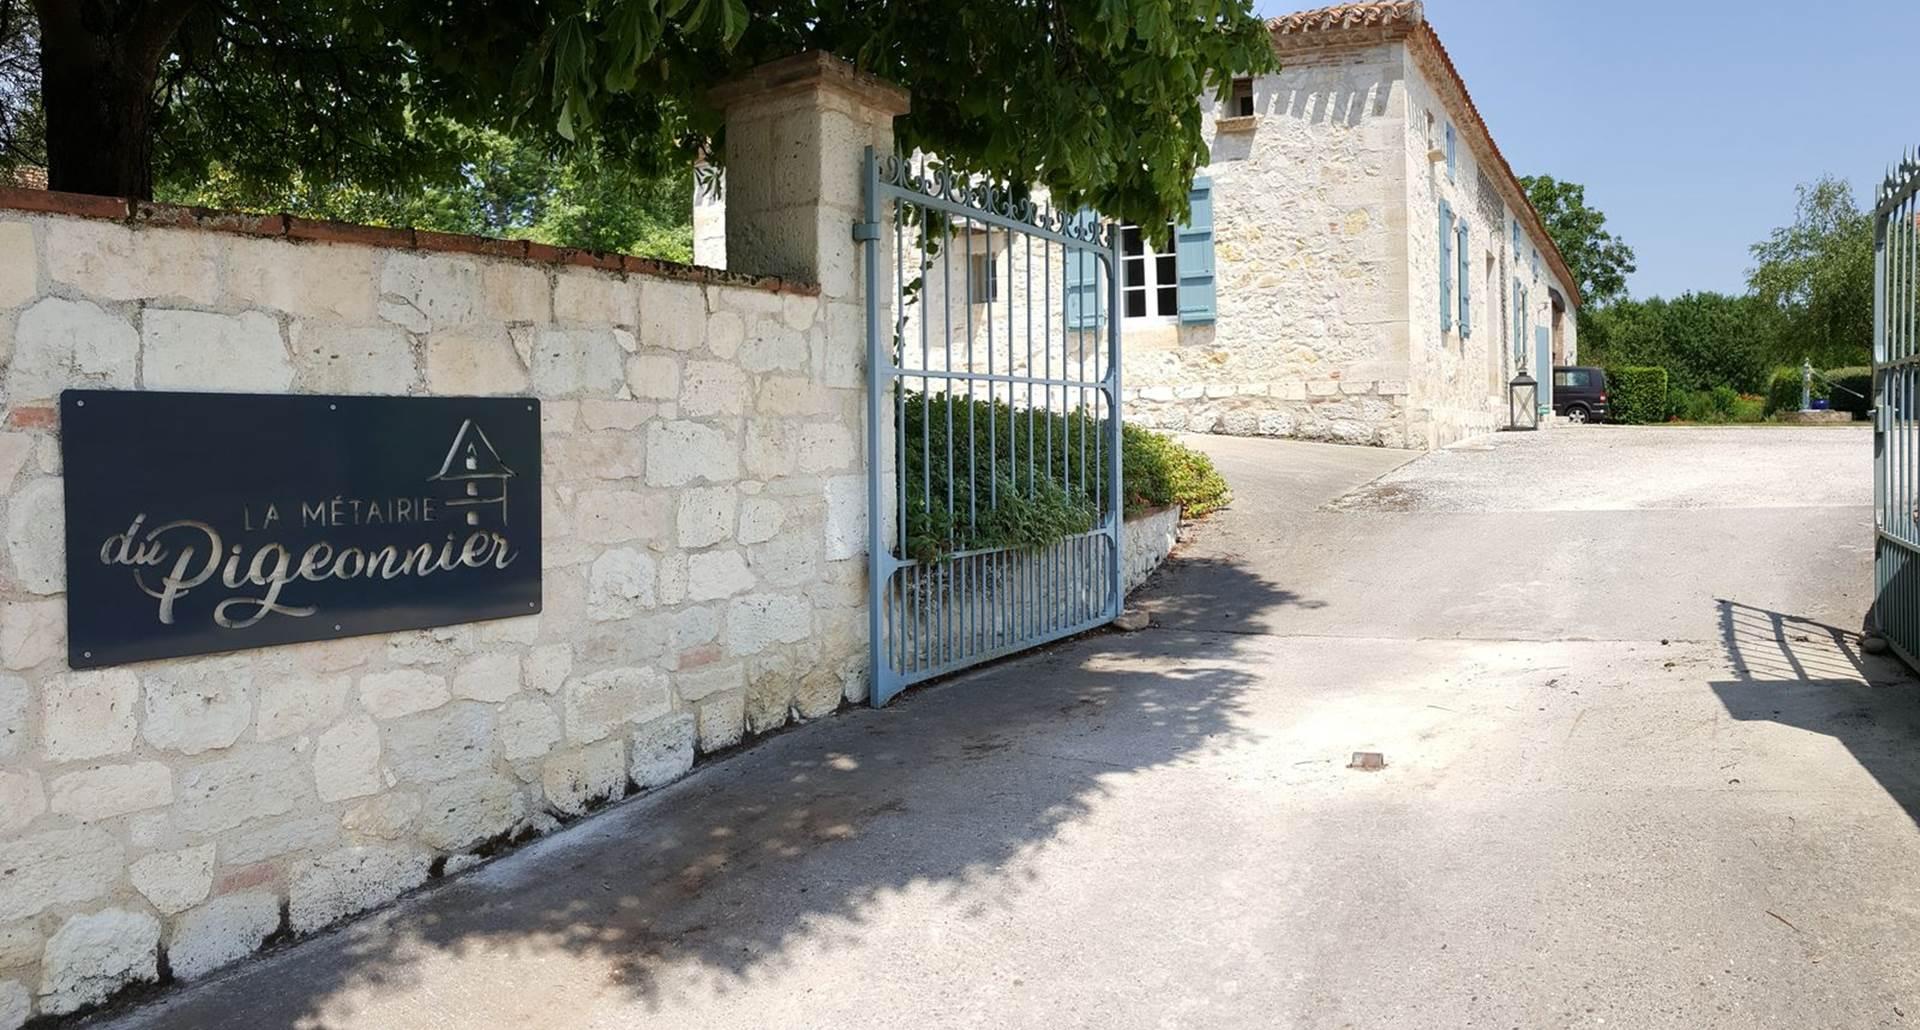 Bienvenue à La Métairie du Pigeonnier - Gîte de France